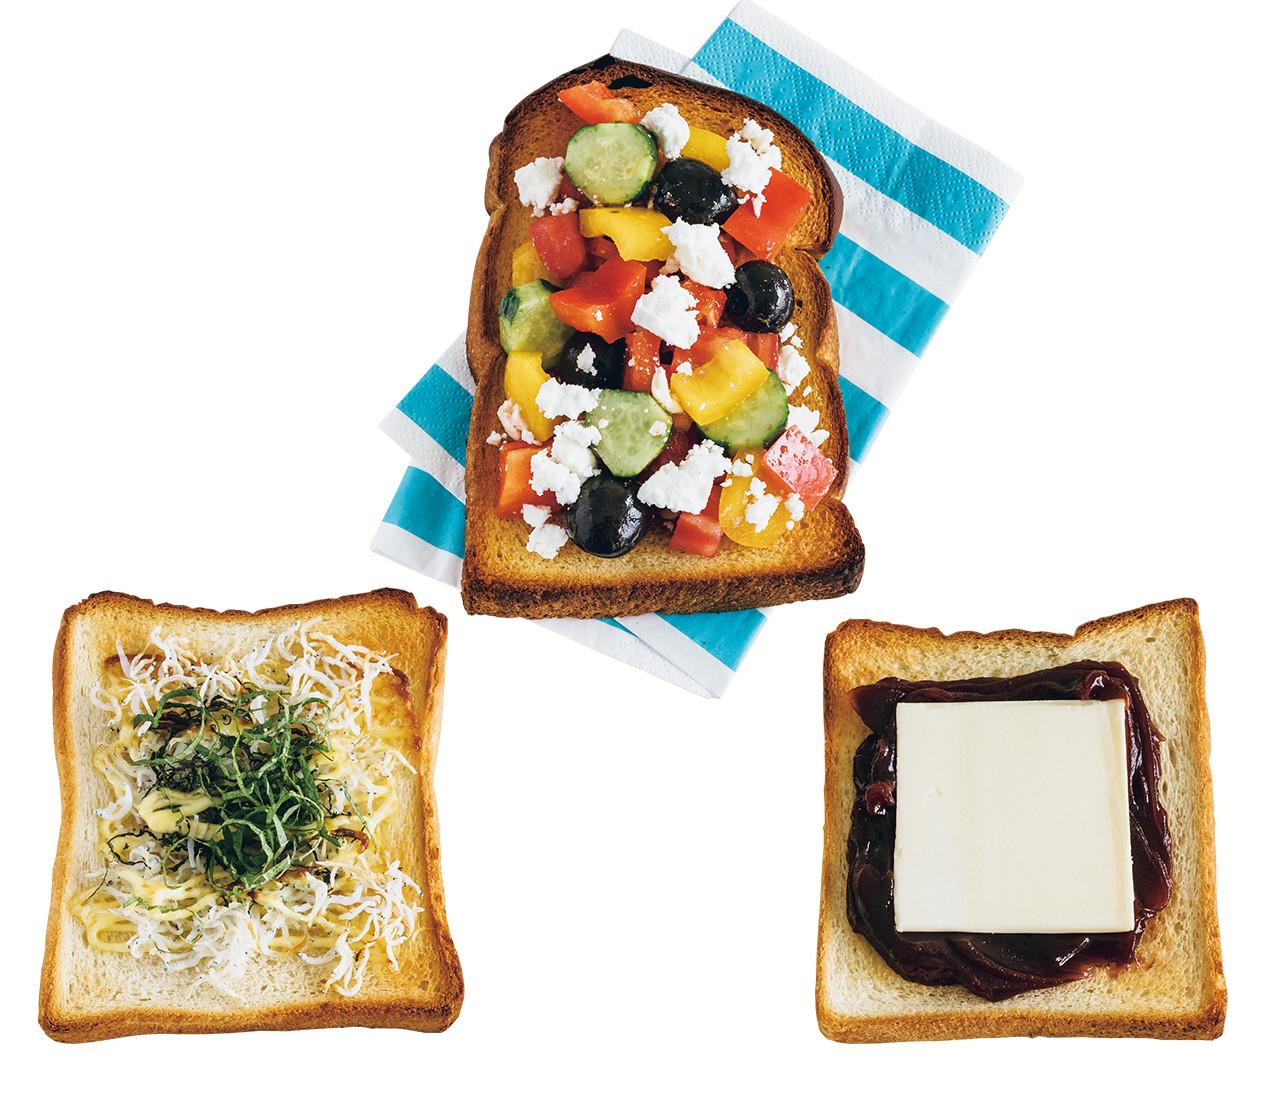 普通の食パンがおしゃれに美味しく変身!ヘア&メイク中野明海さんetc.センス抜群の3人の食パンアレンジ【あの人がパンにのせているもの2】